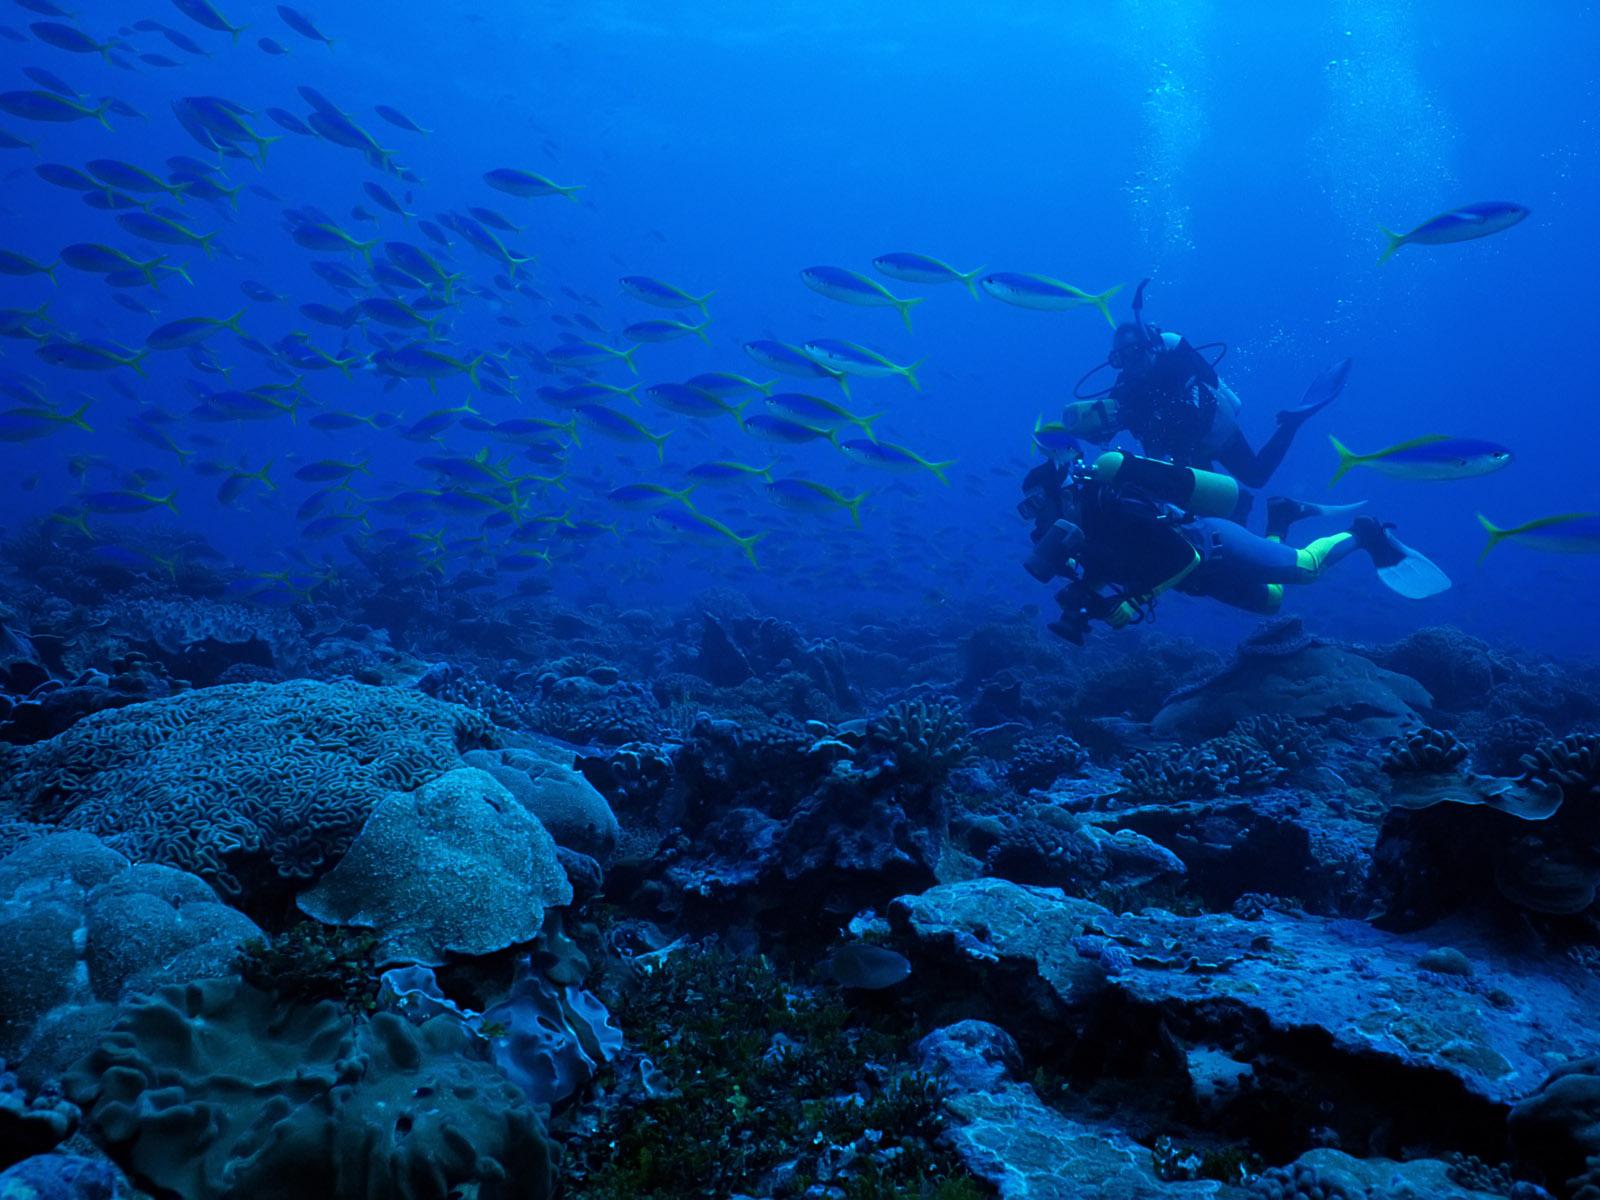 软件下载 桌面壁纸 风景壁纸 海底世界 鱼类写真壁纸 应用截图